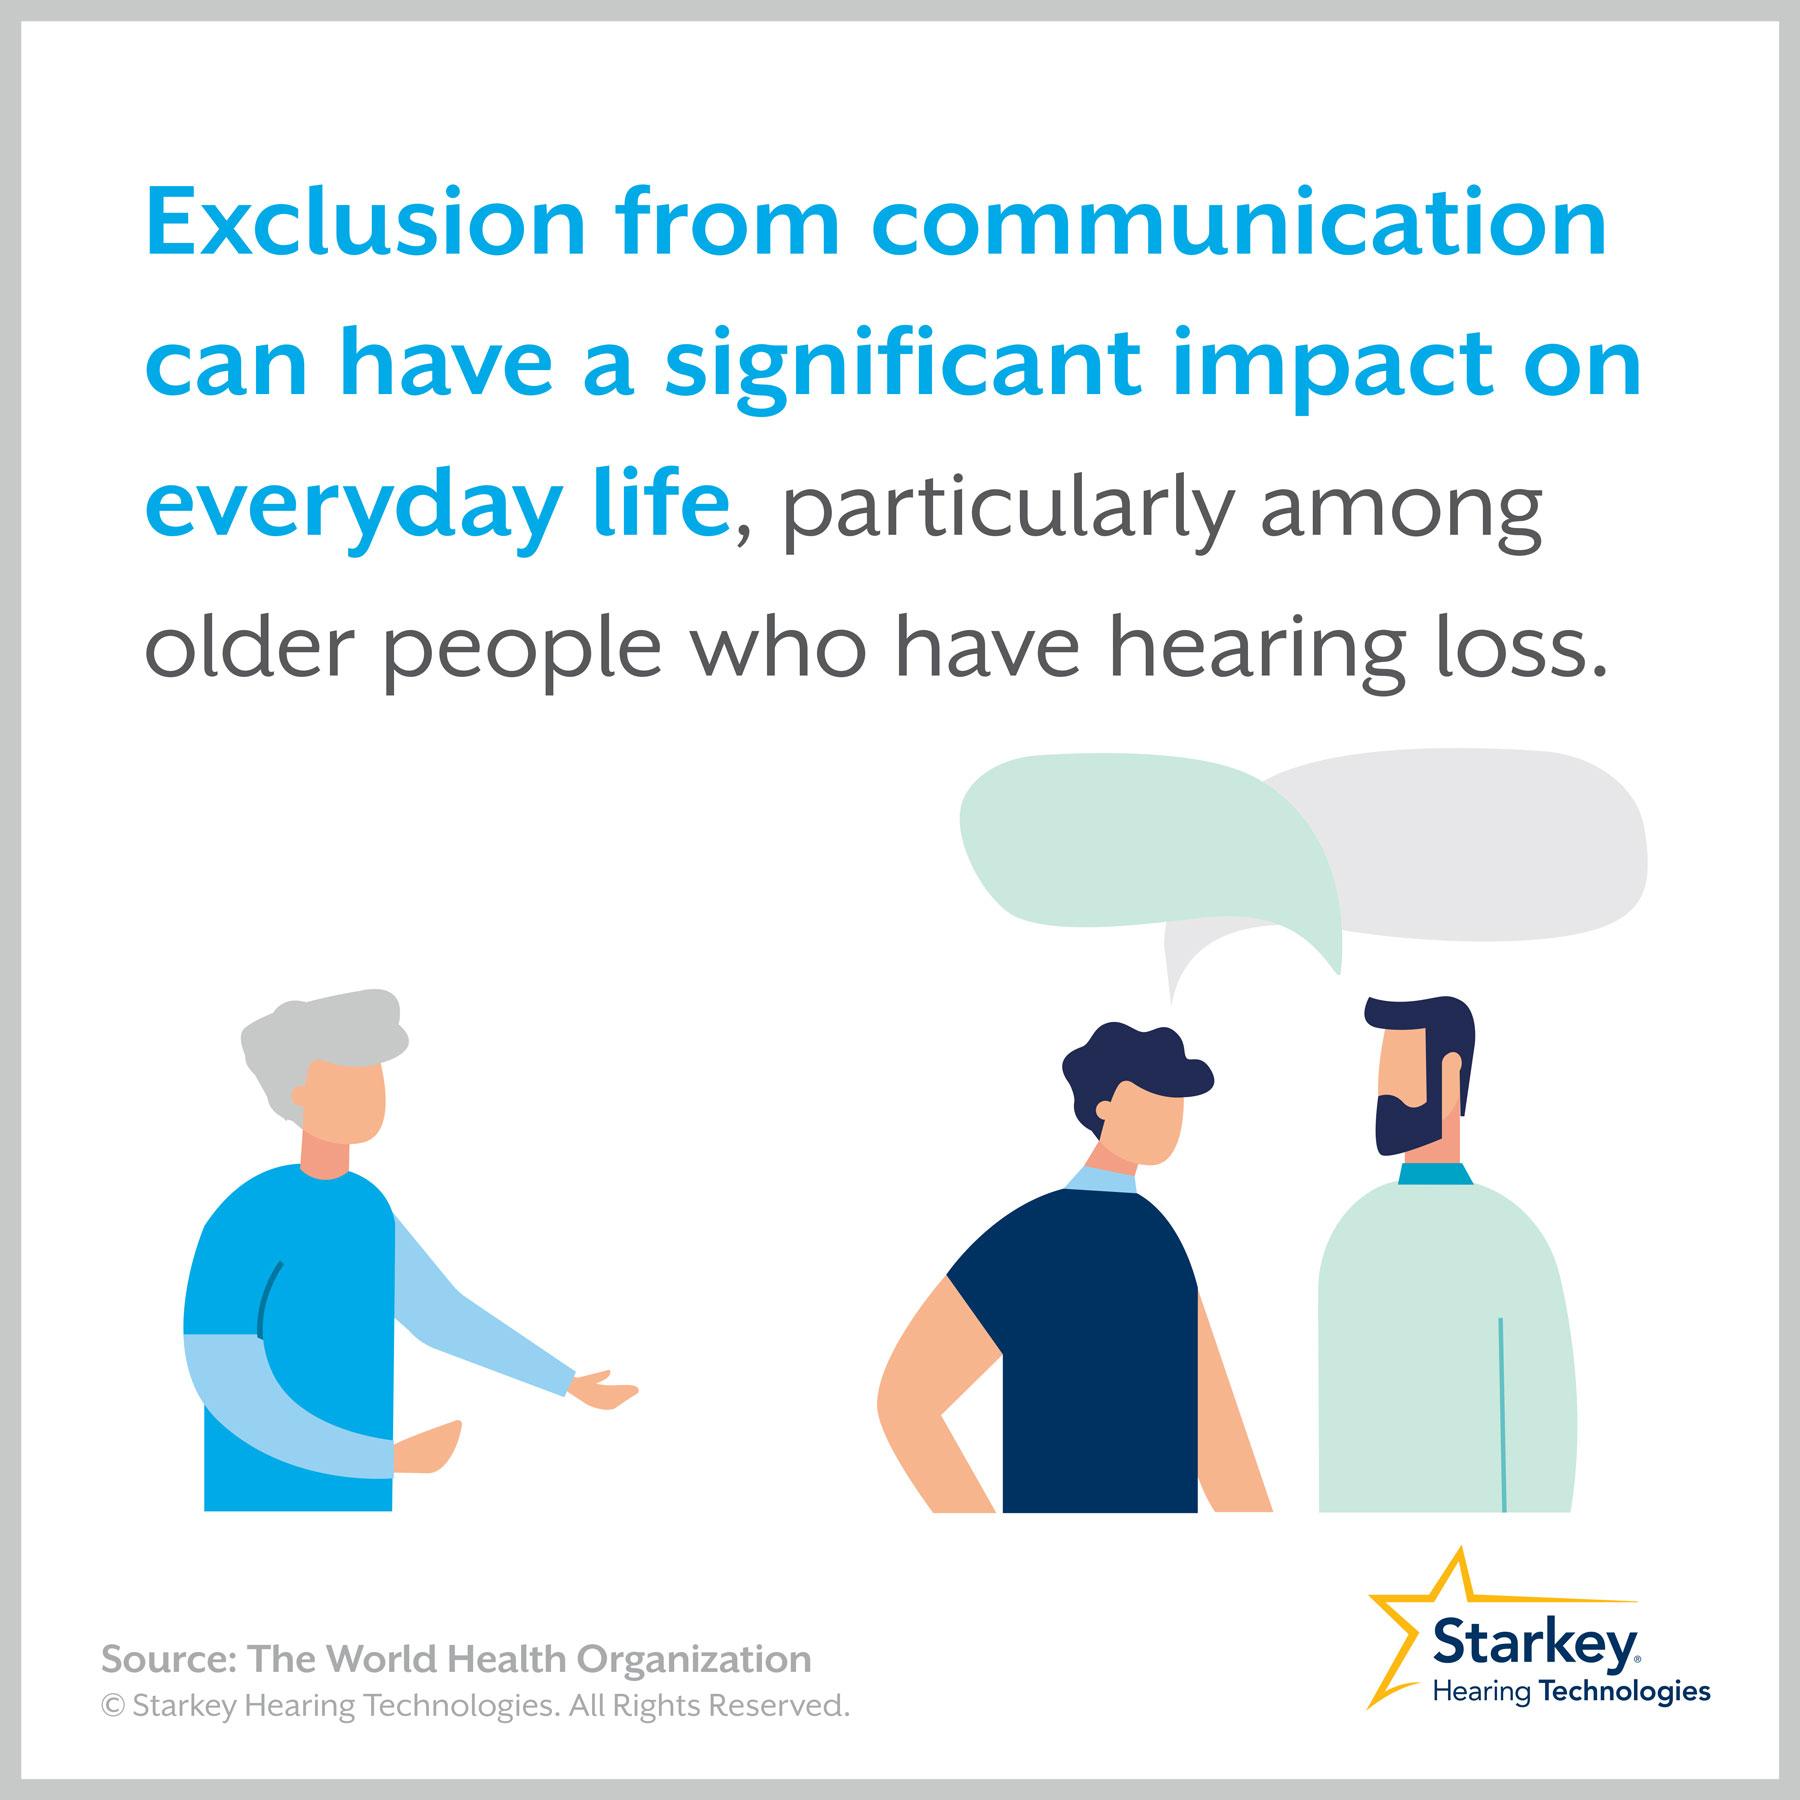 難聴によるコミュニケーションからの疎外